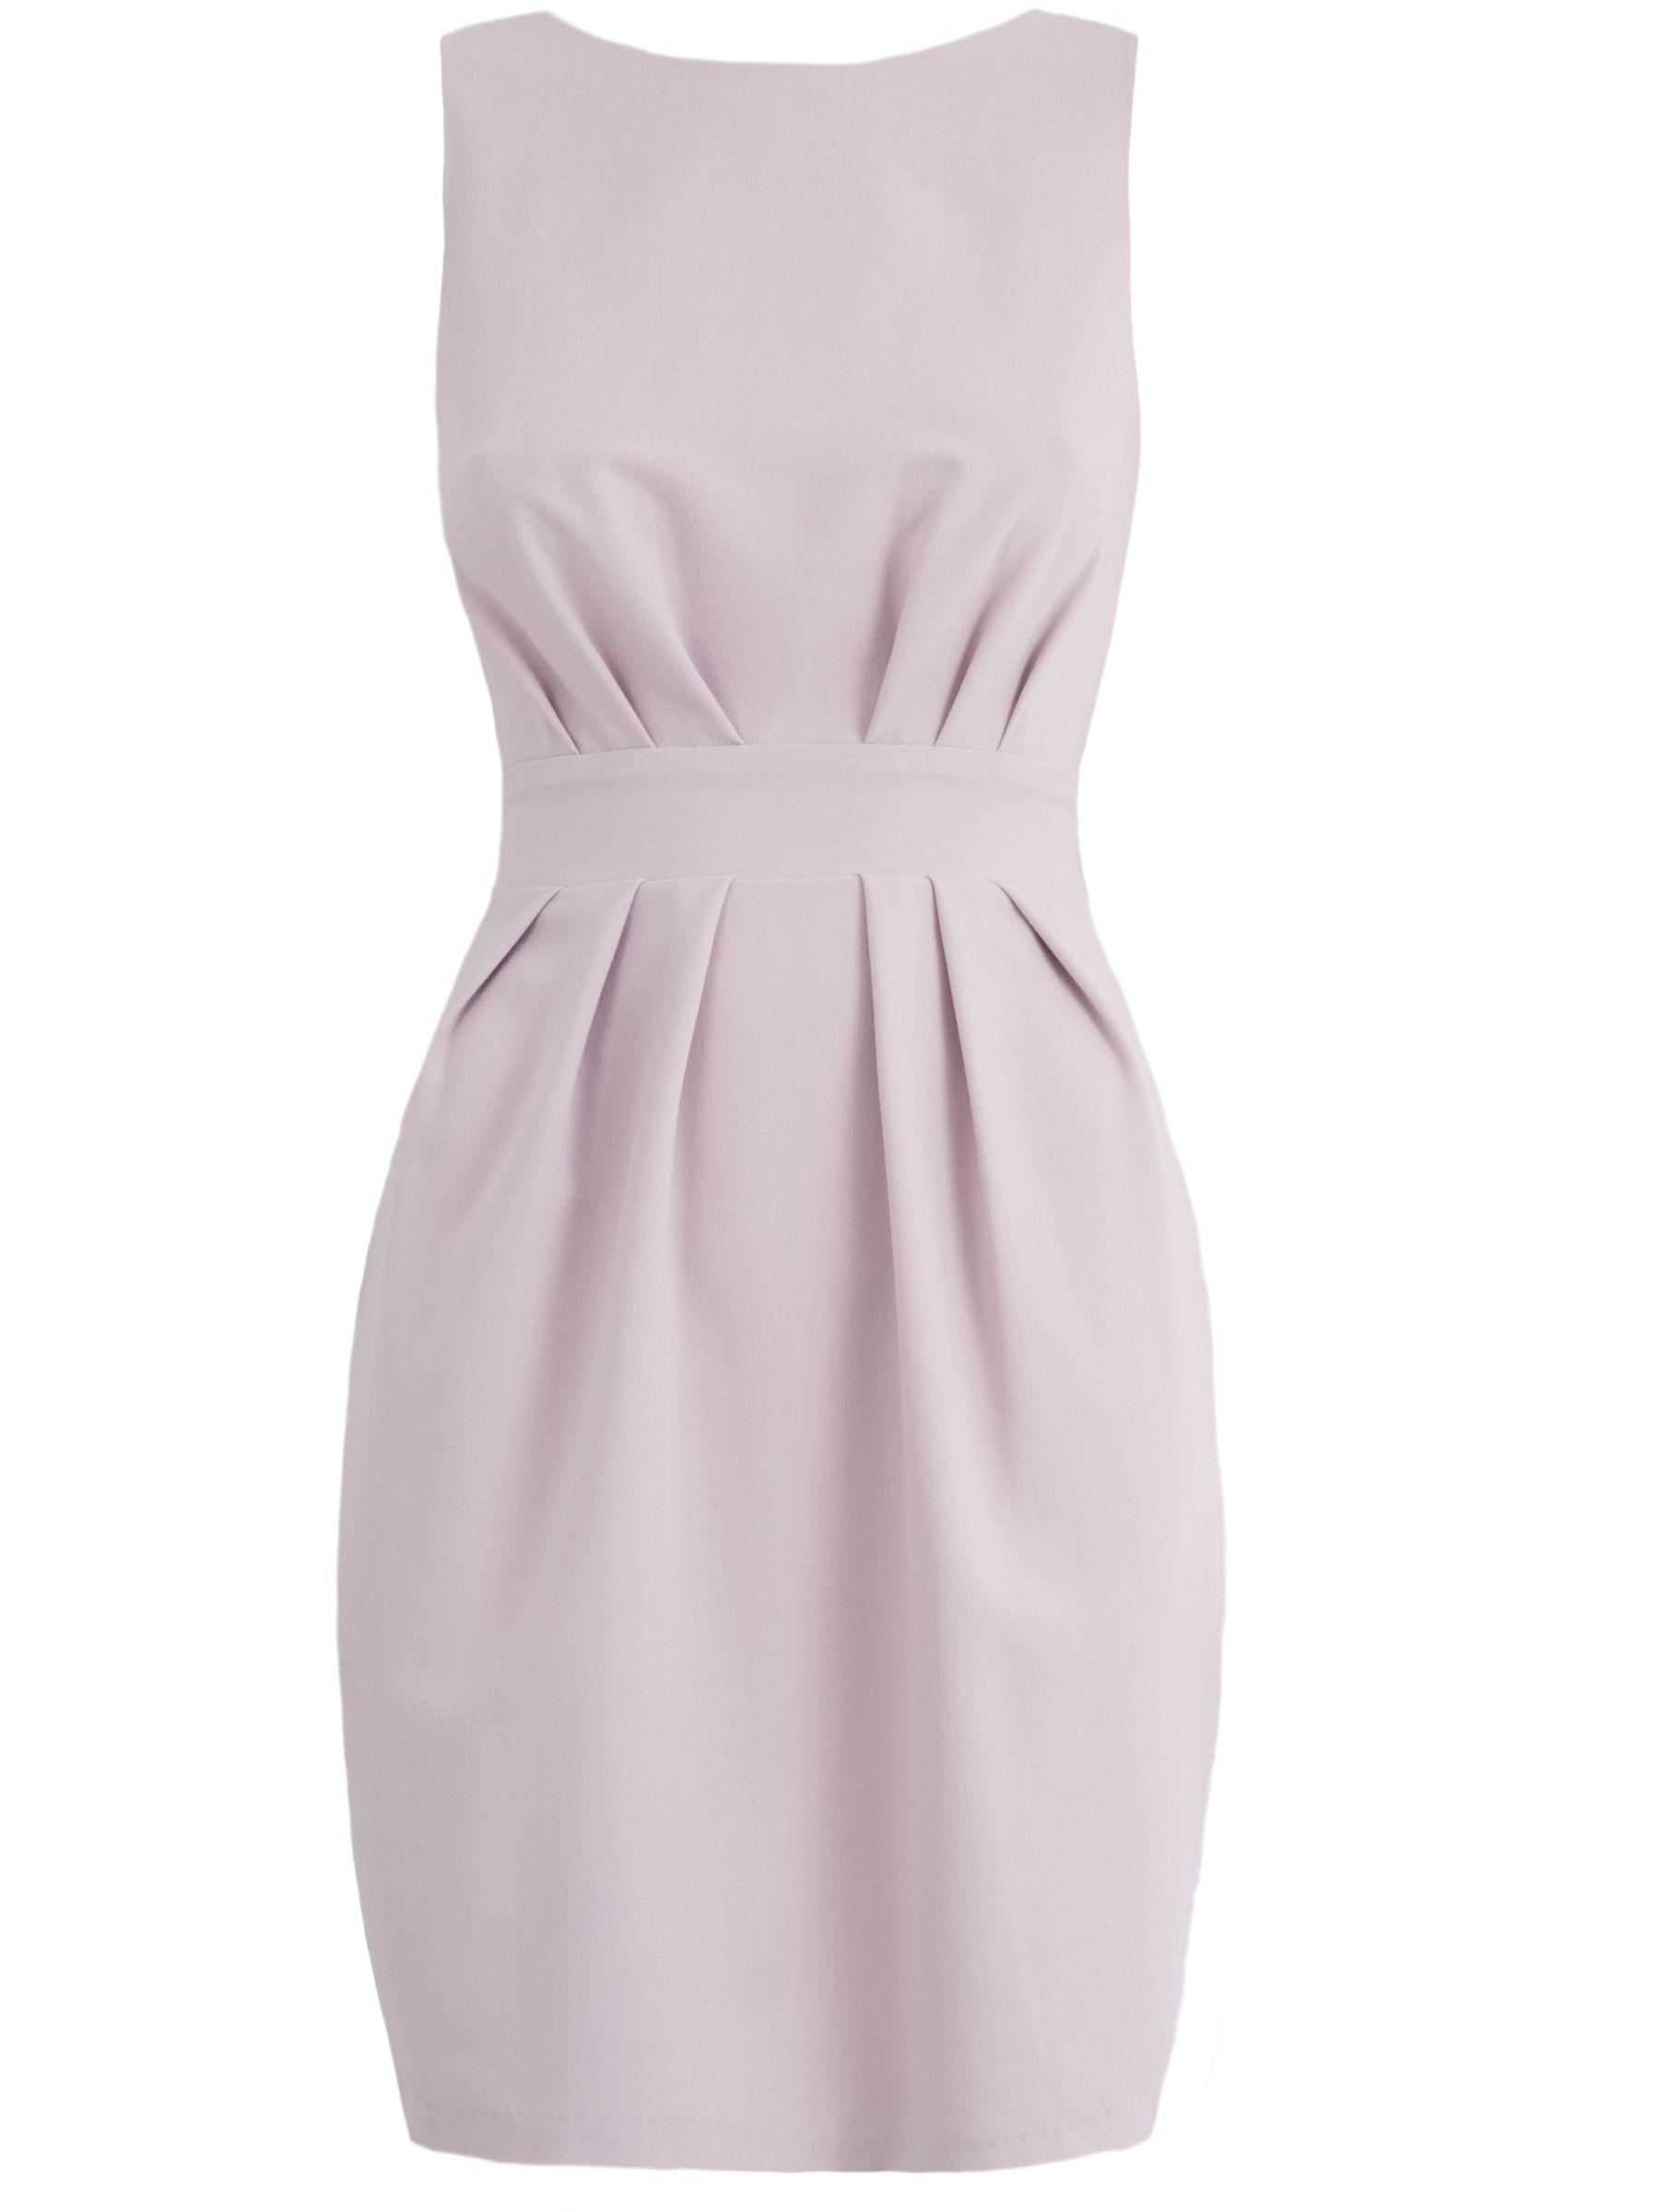 almari pleated waist dress lilac, almari, pleated, waist, dress, lilac, women, womens dresses, special offers, womenswear offers, womens dresses offers, 601158